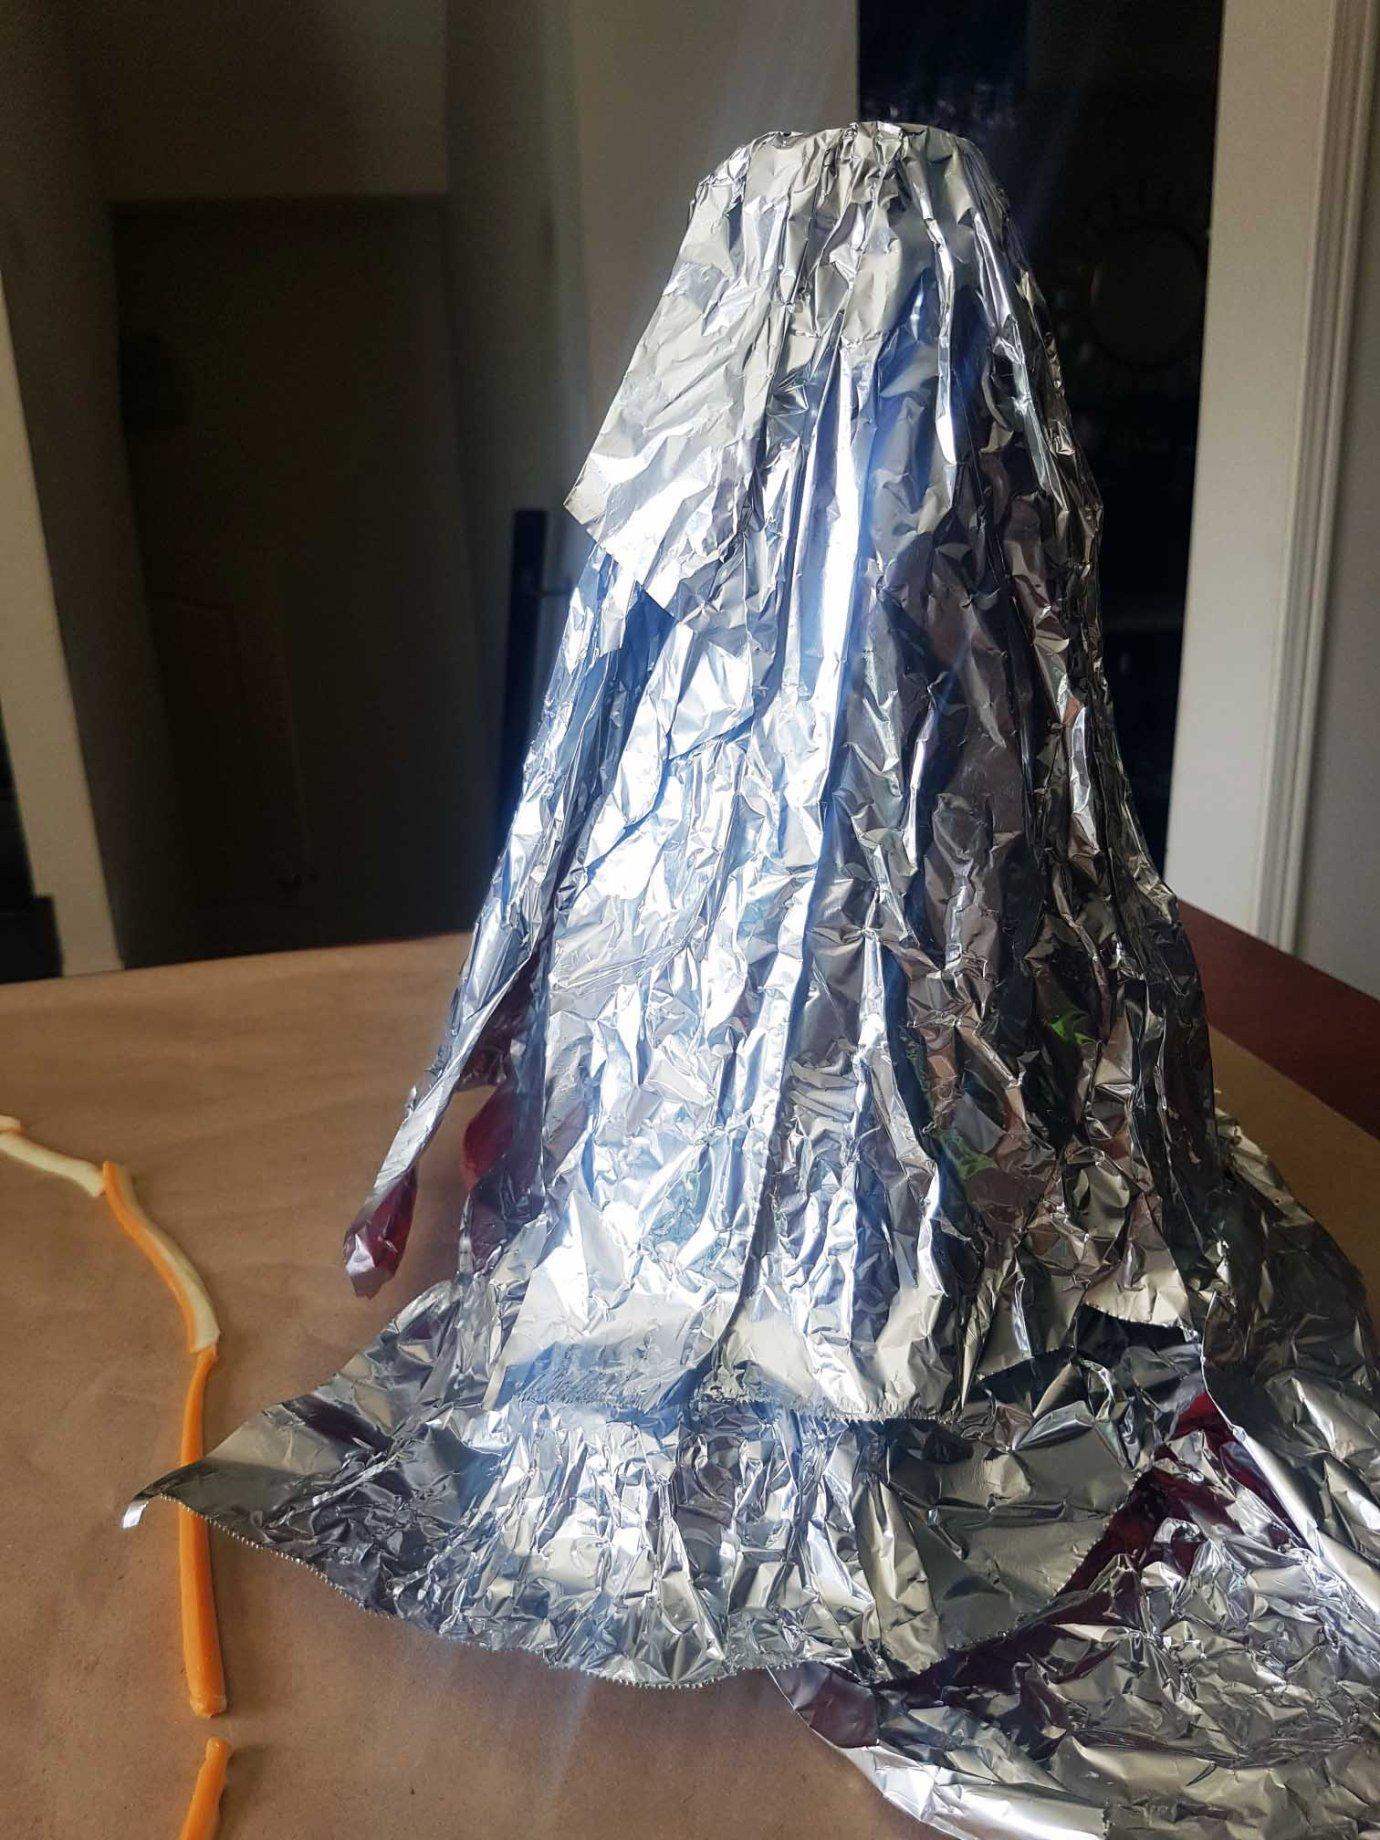 Volcano in foil